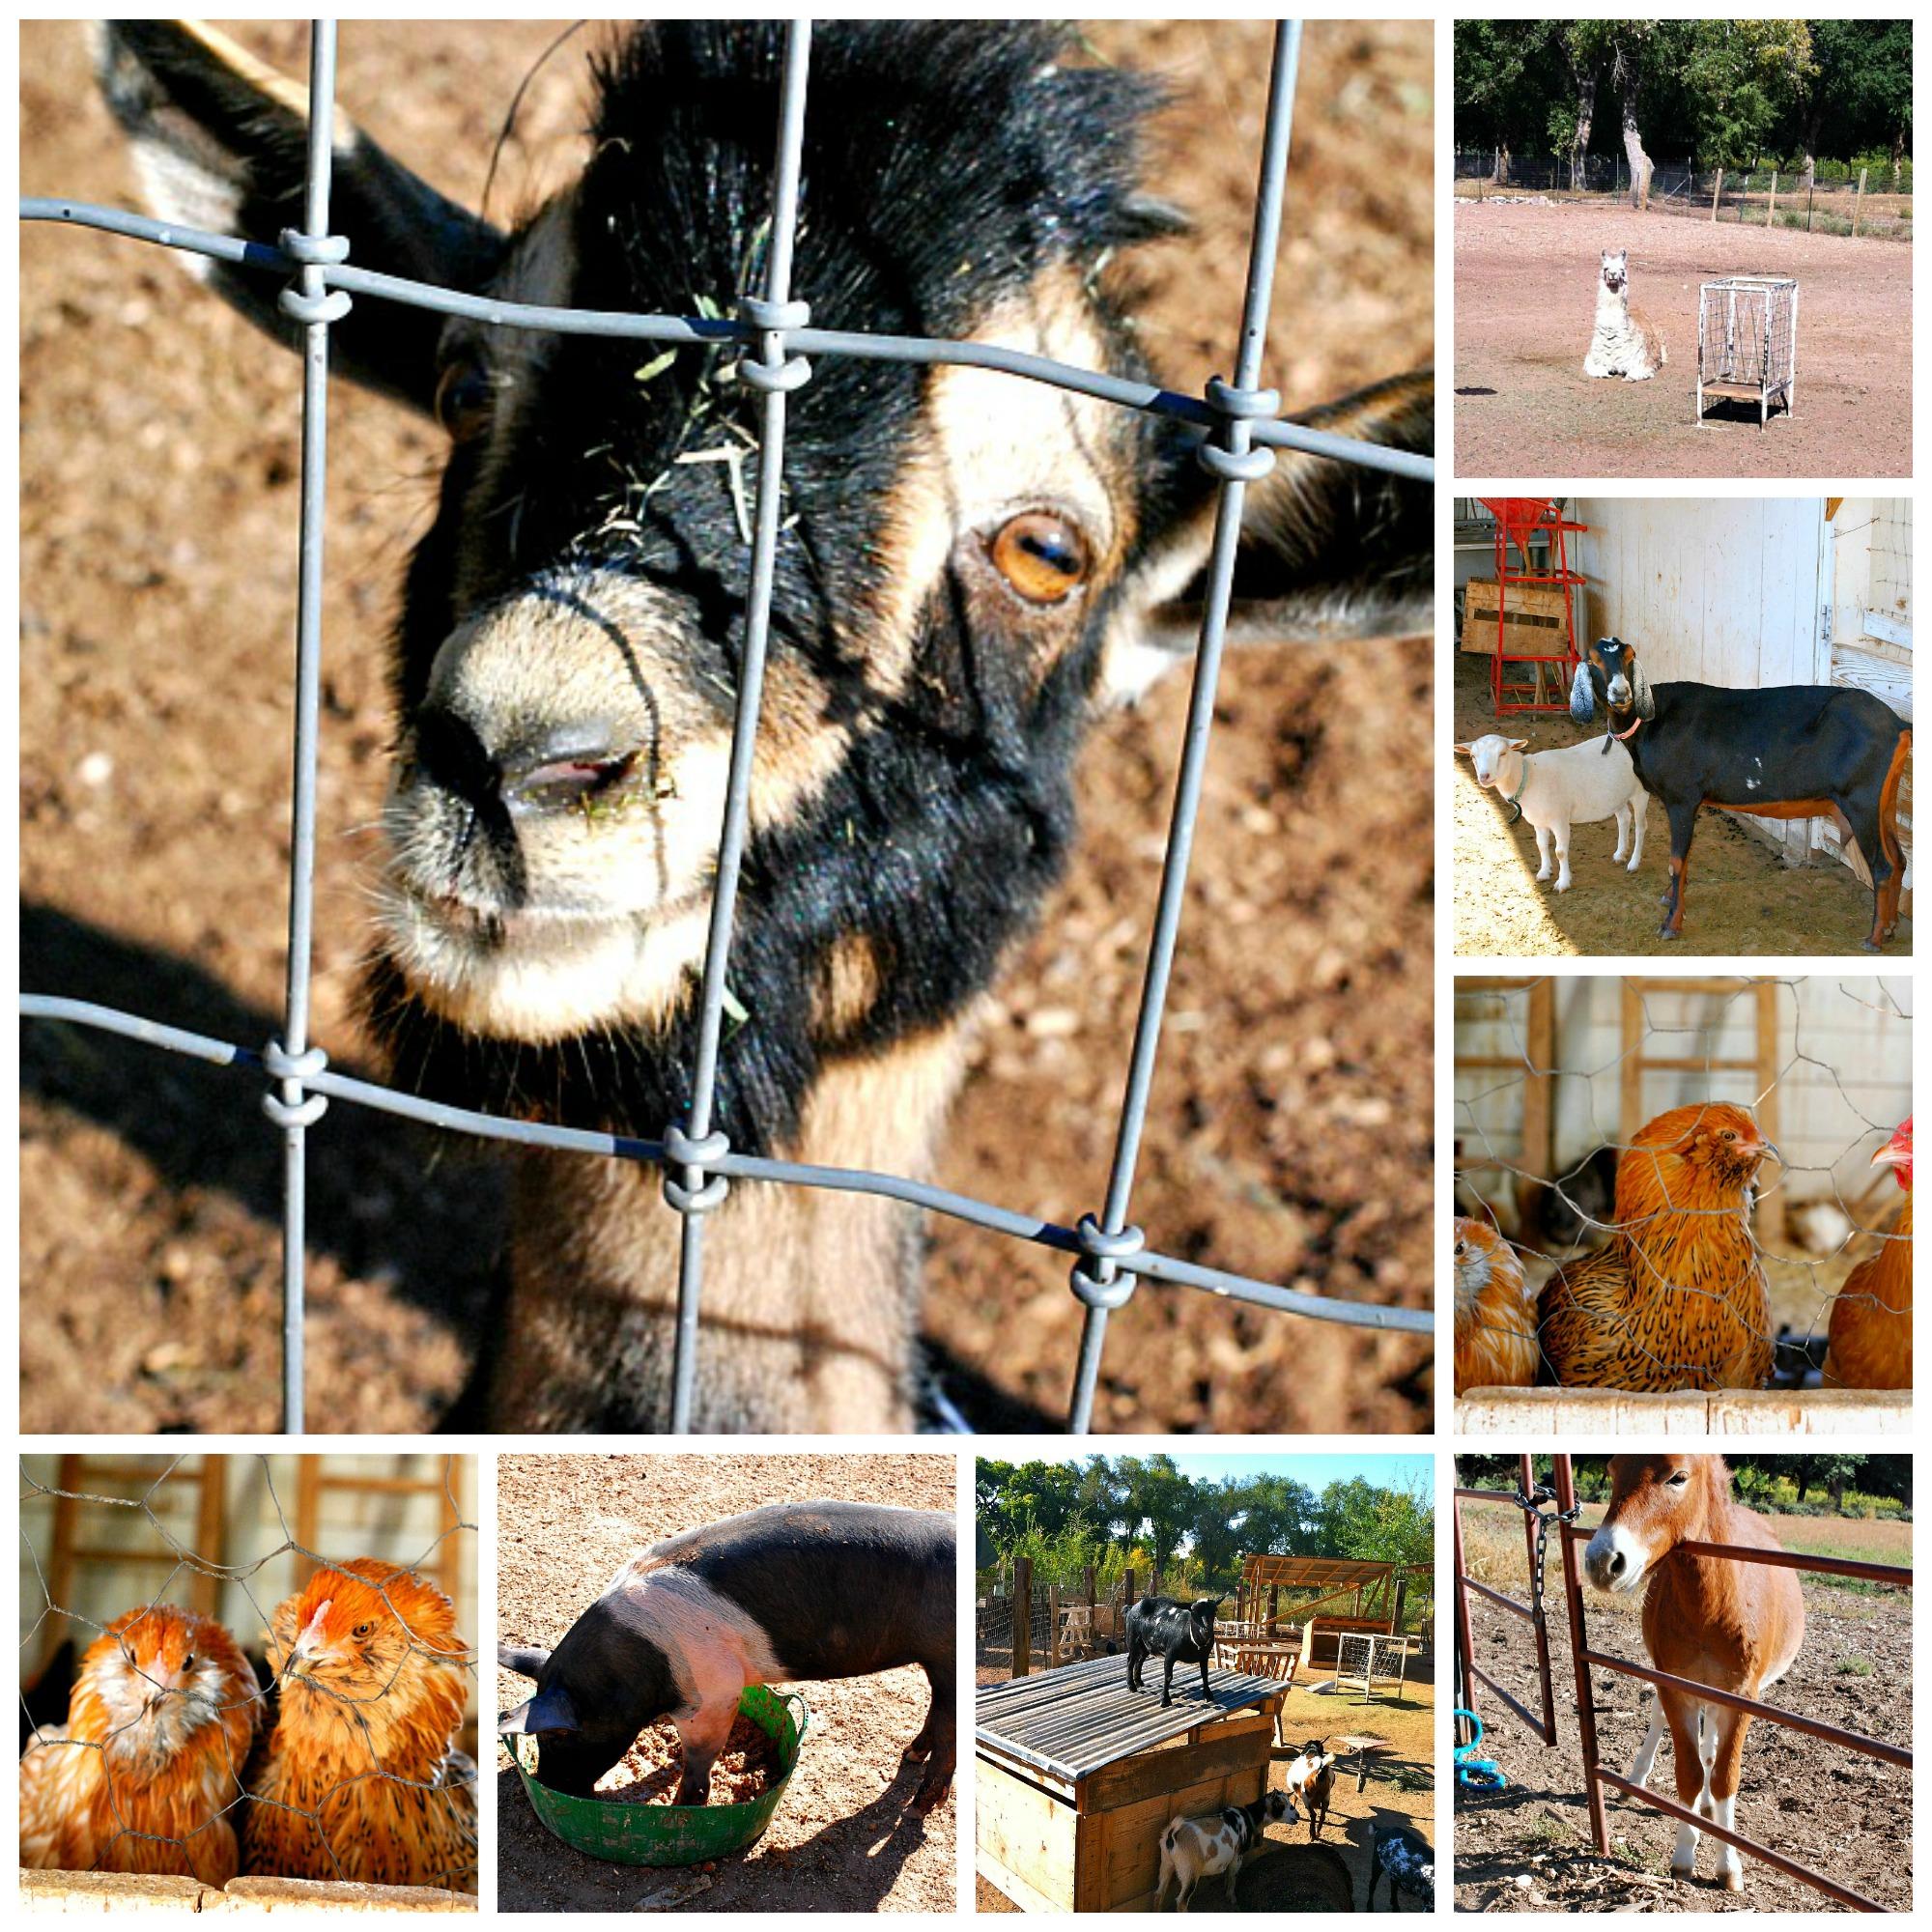 los poblanos Farm Animals